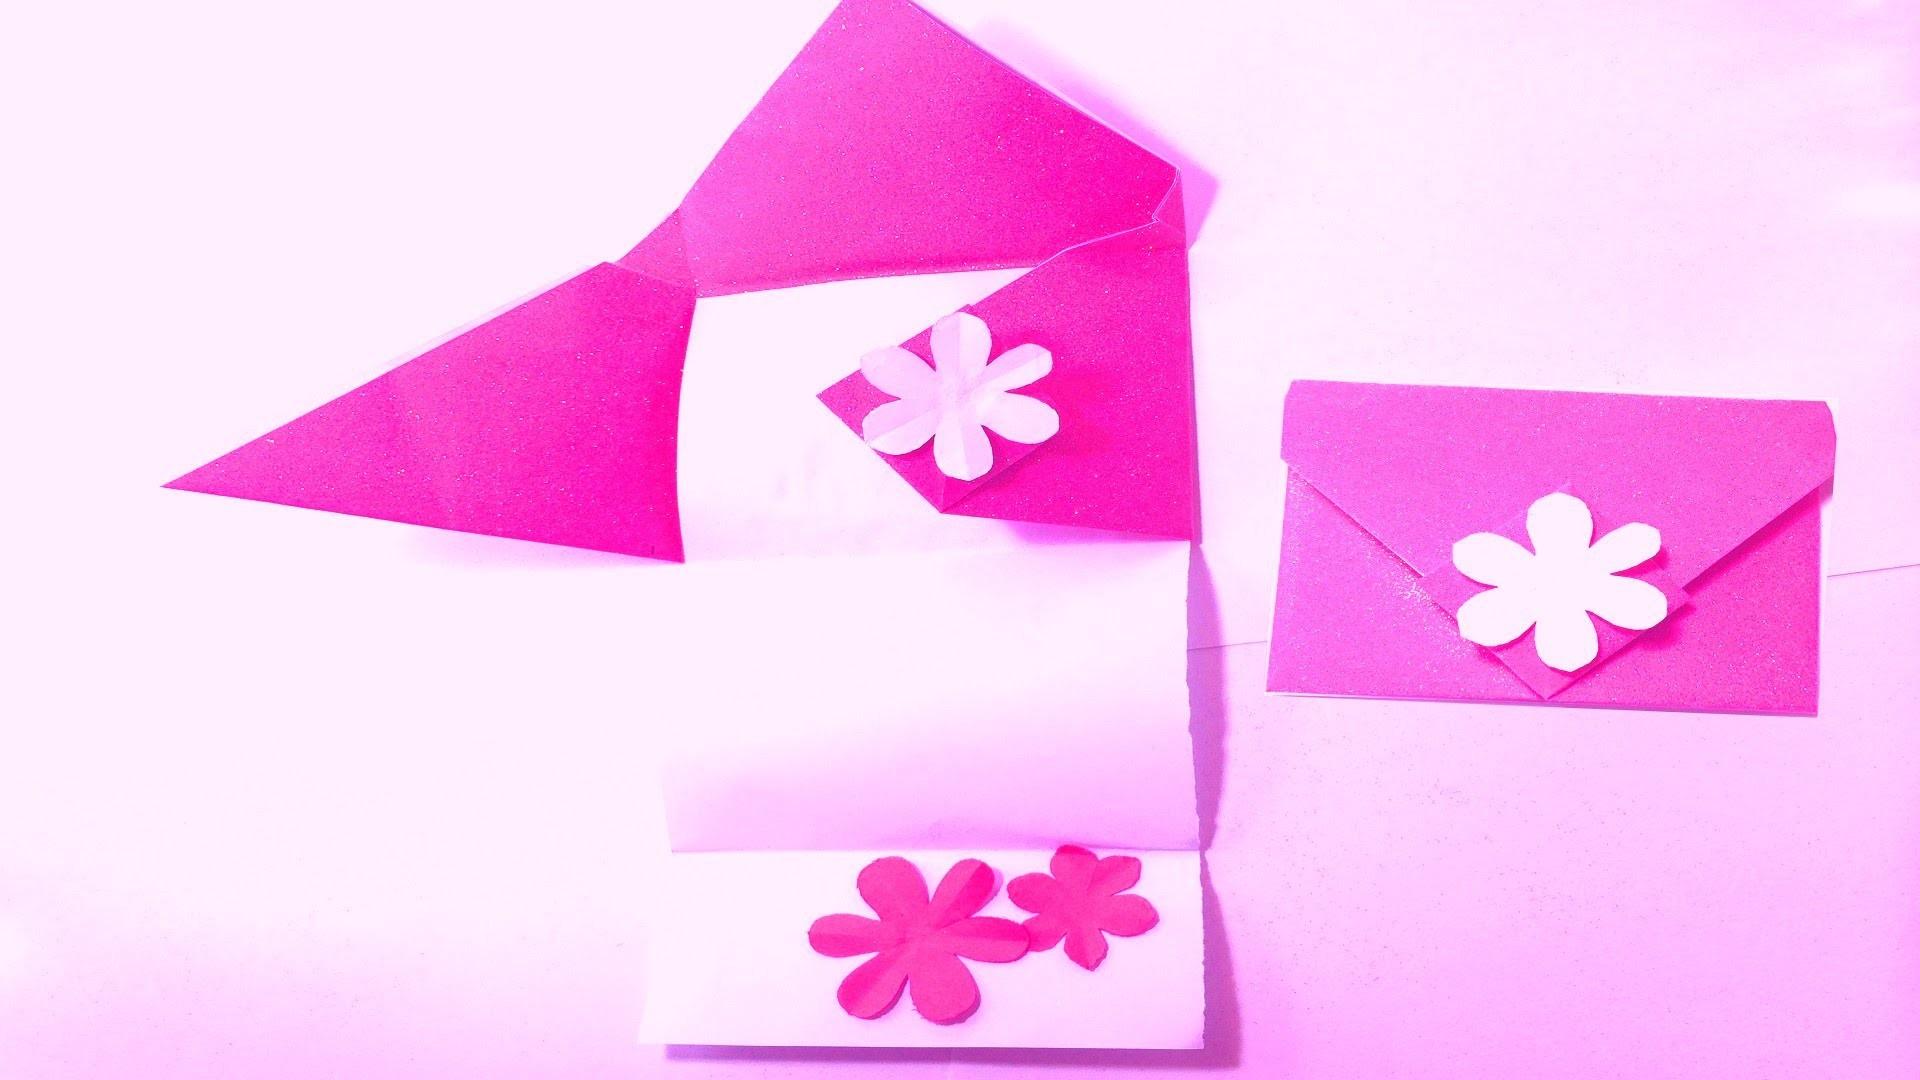 Diamond fold note greeting card DIY tutorial